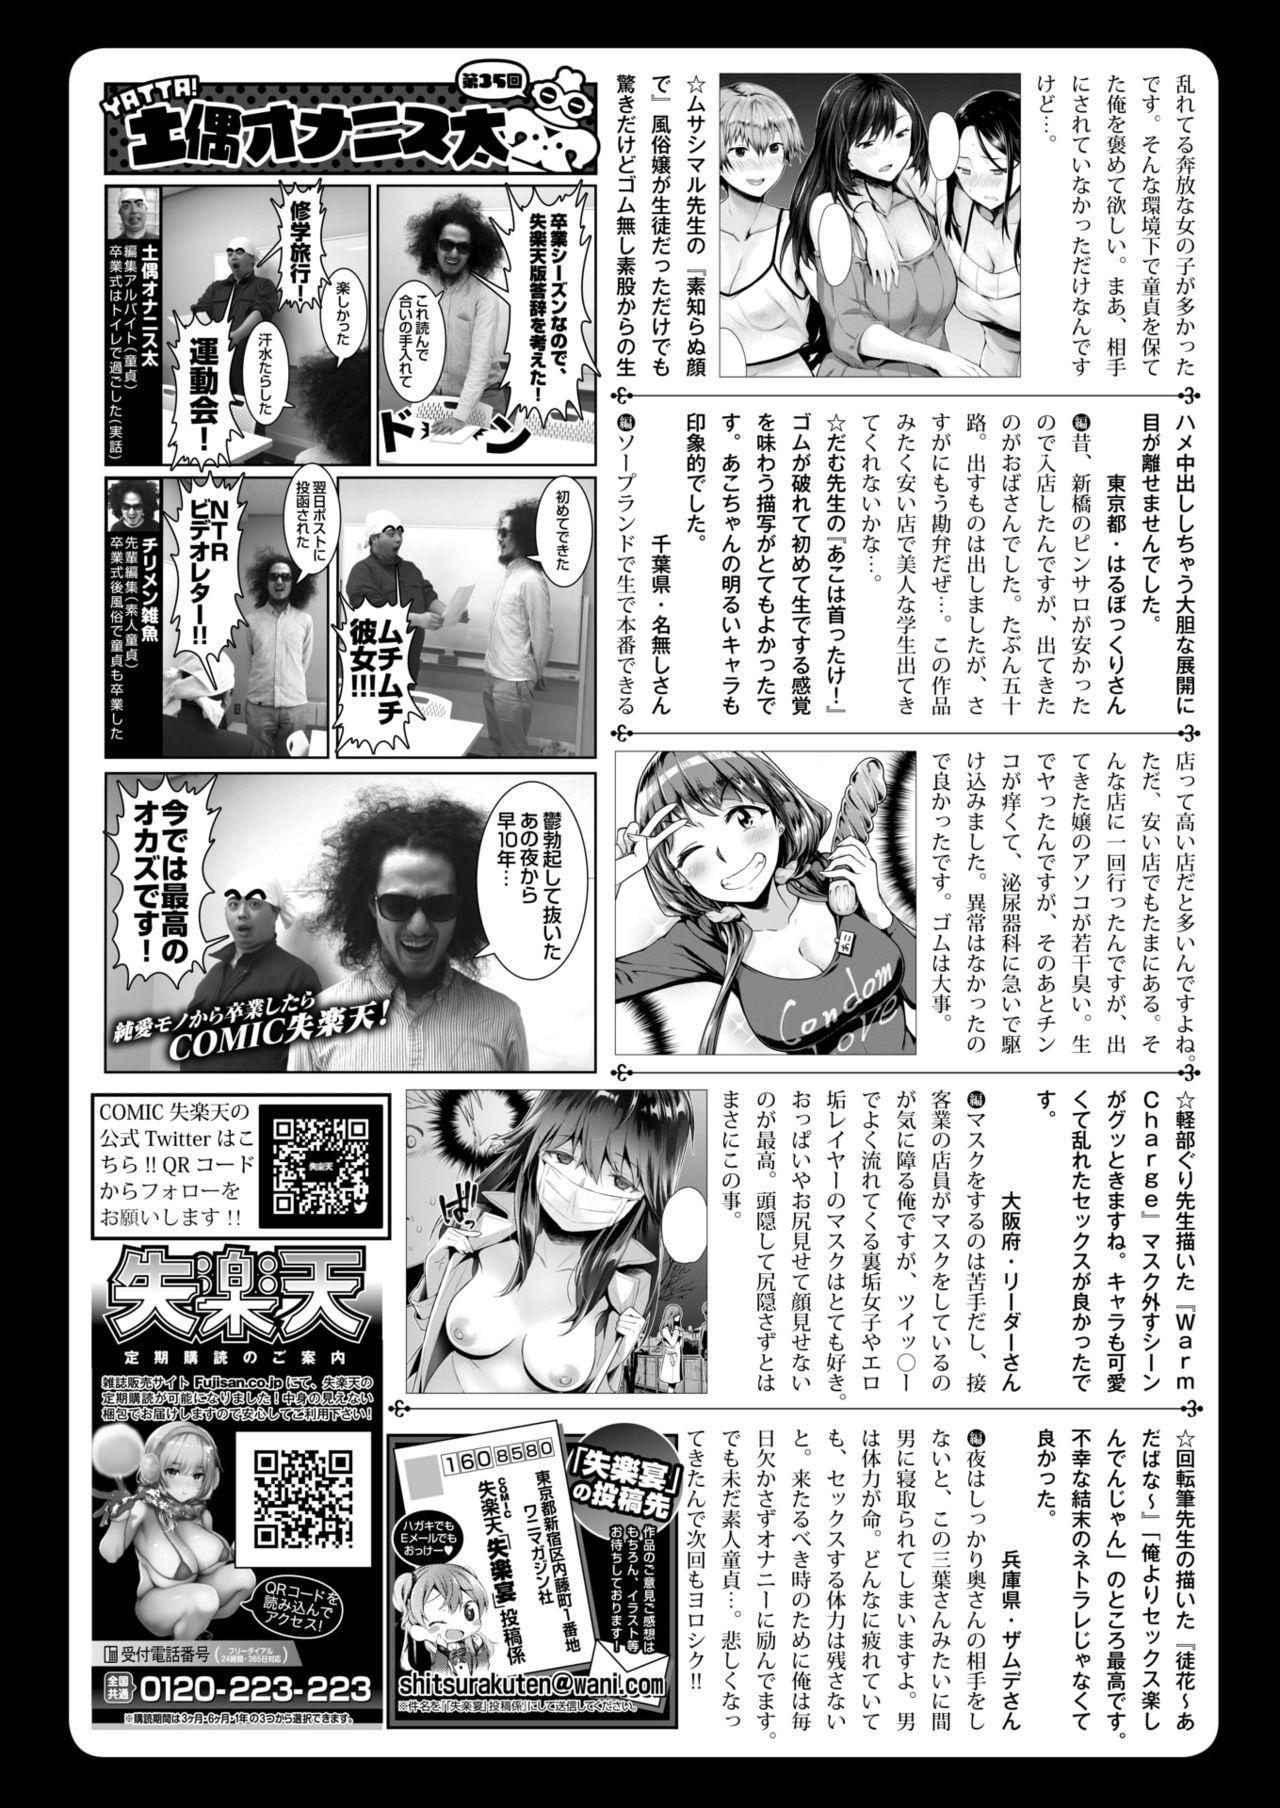 COMIC Shitsurakuten 2019-03 287